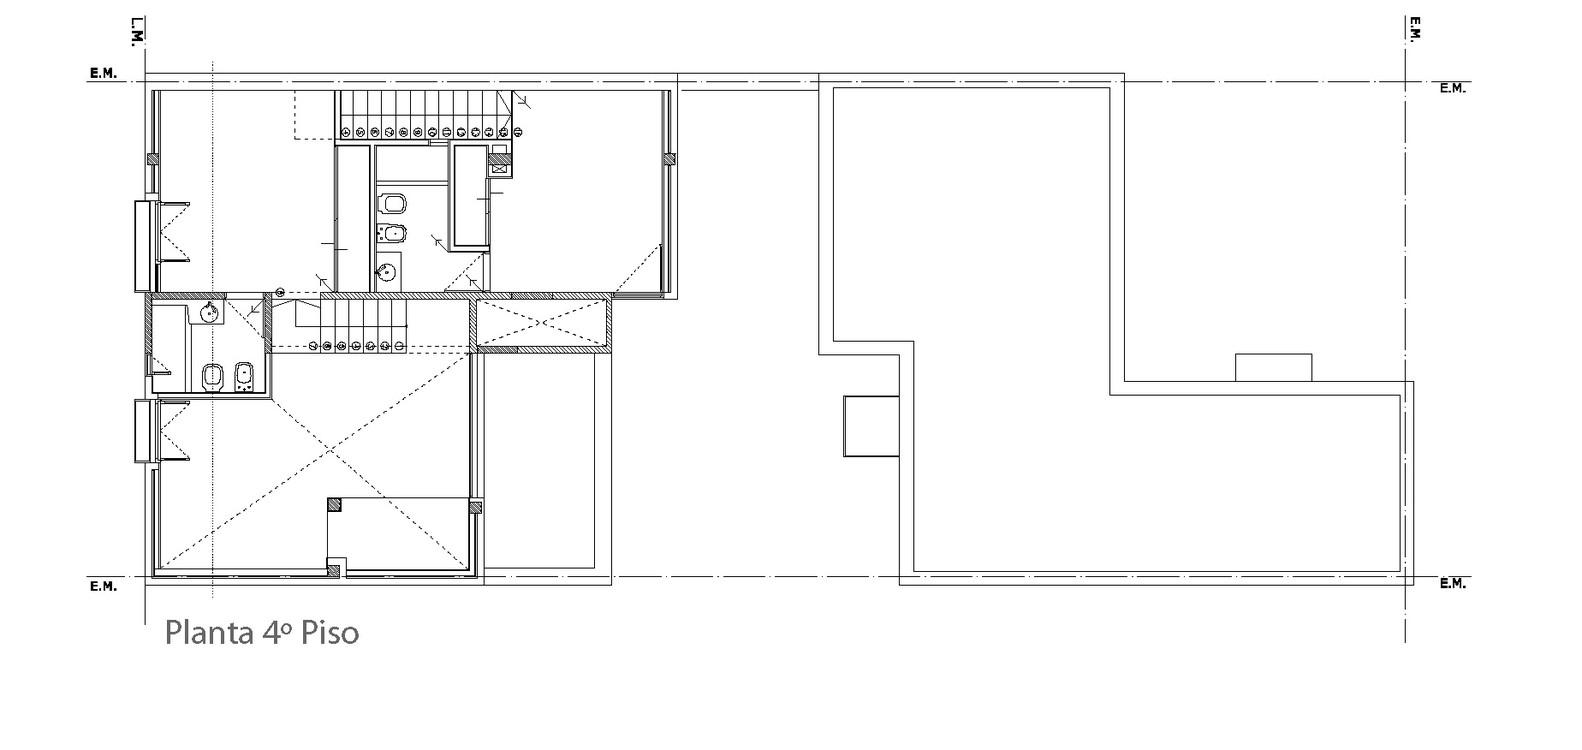 Galería de Fideicomiso Mandel 1 / Arzubialde Arquitectos - 14